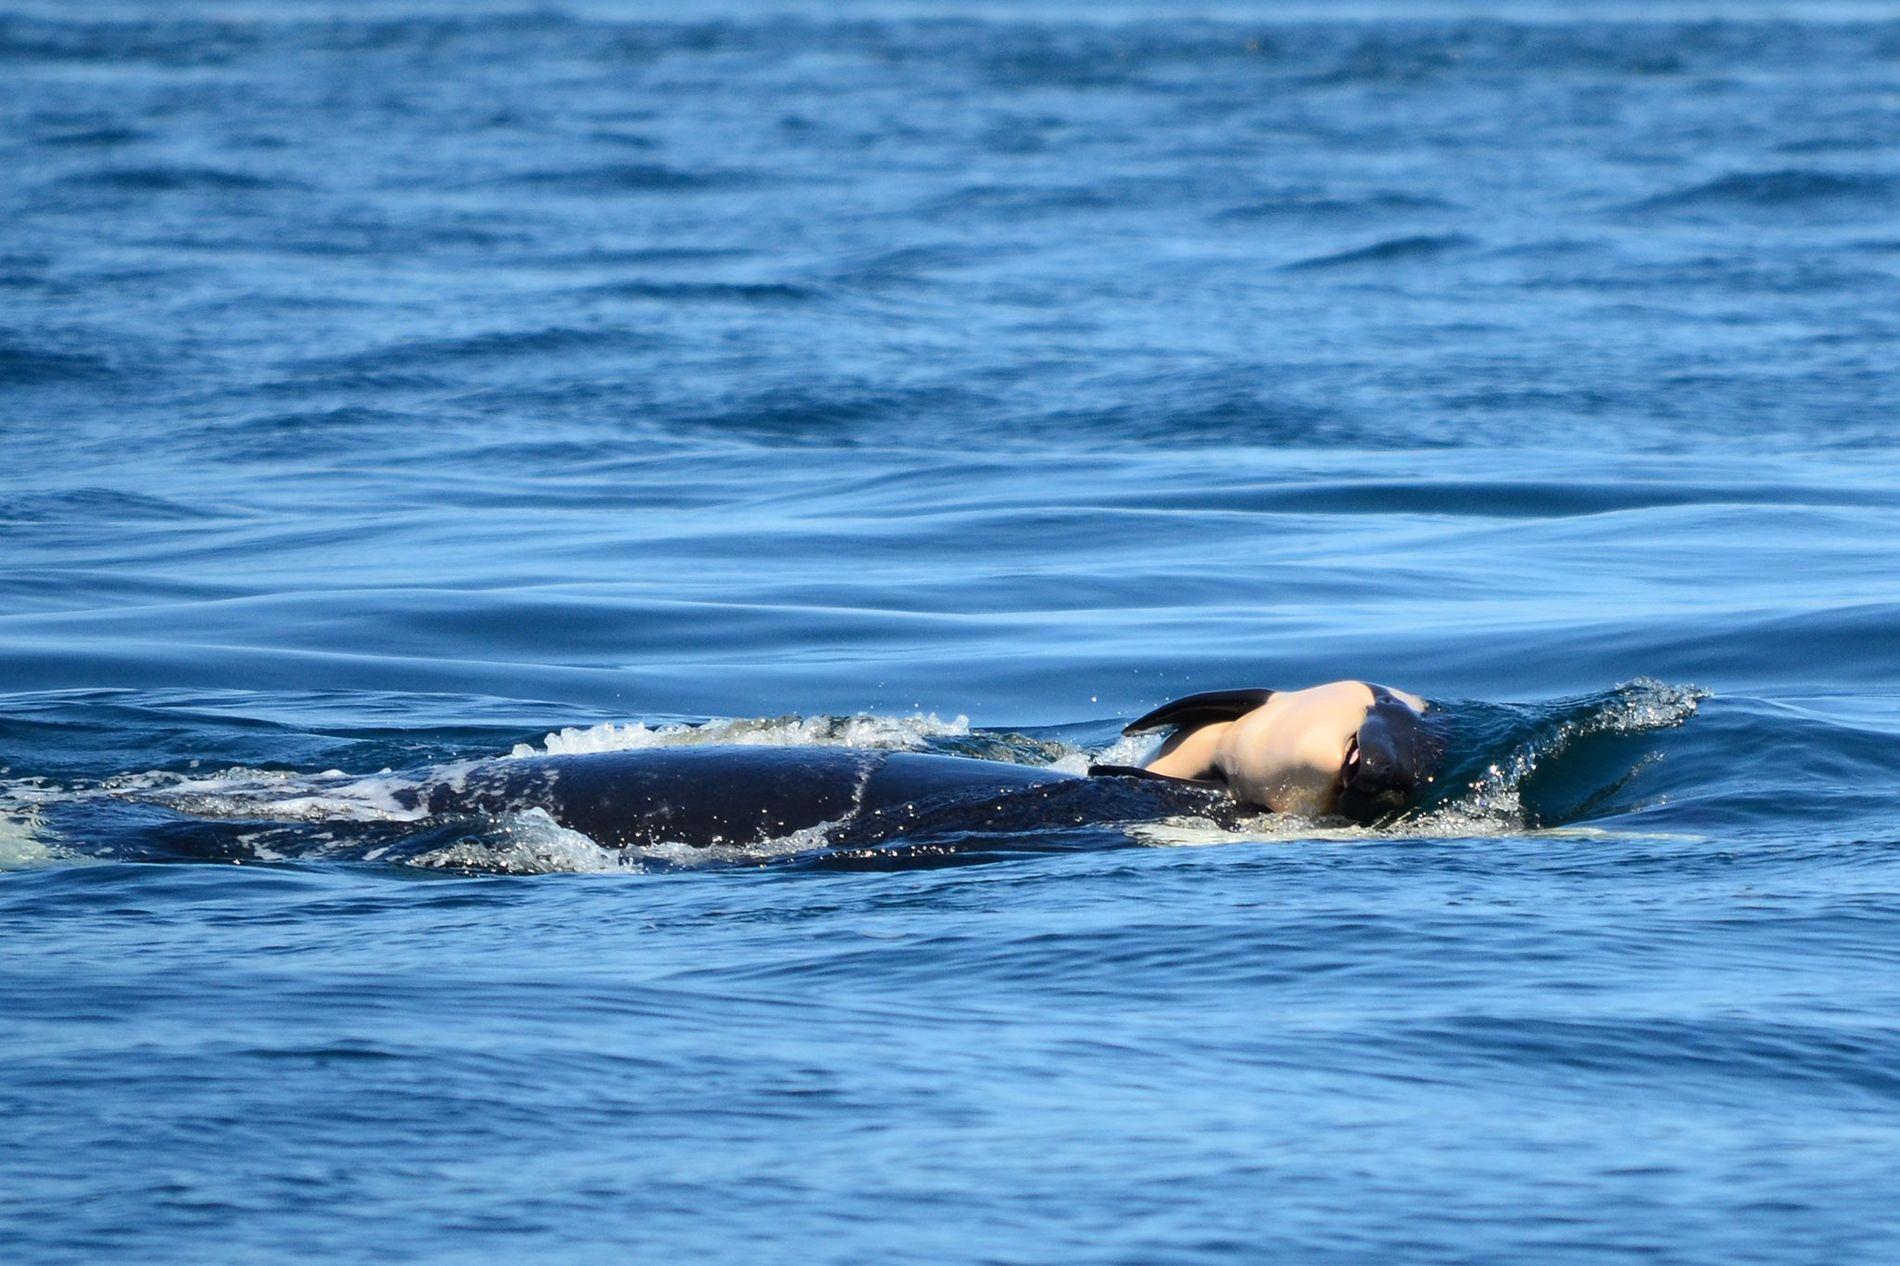 Orca J35